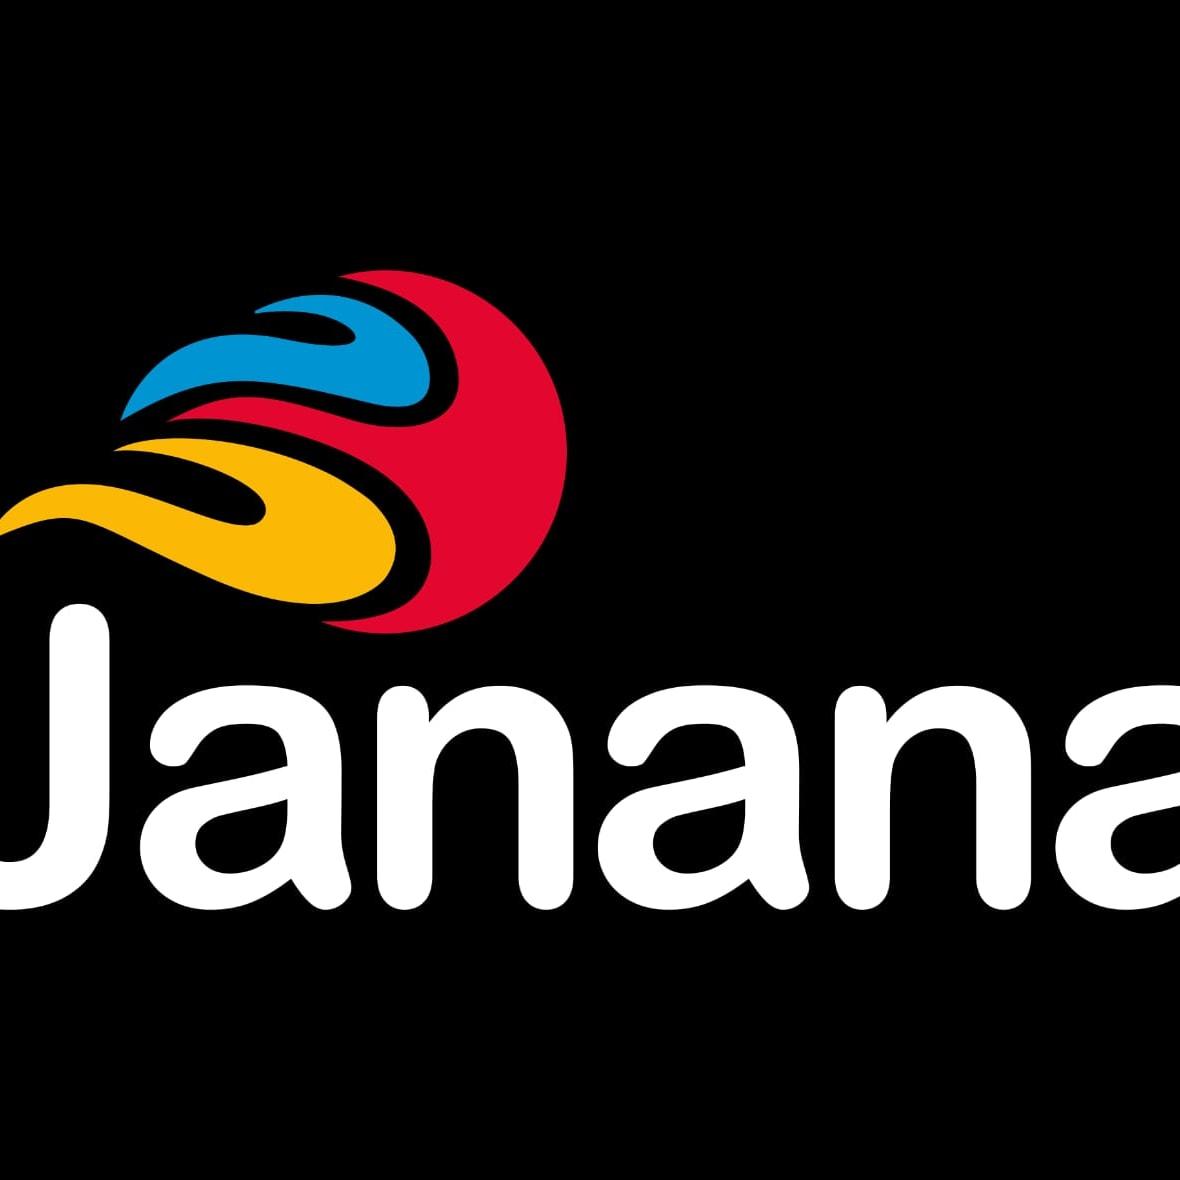 ג'ננה logo